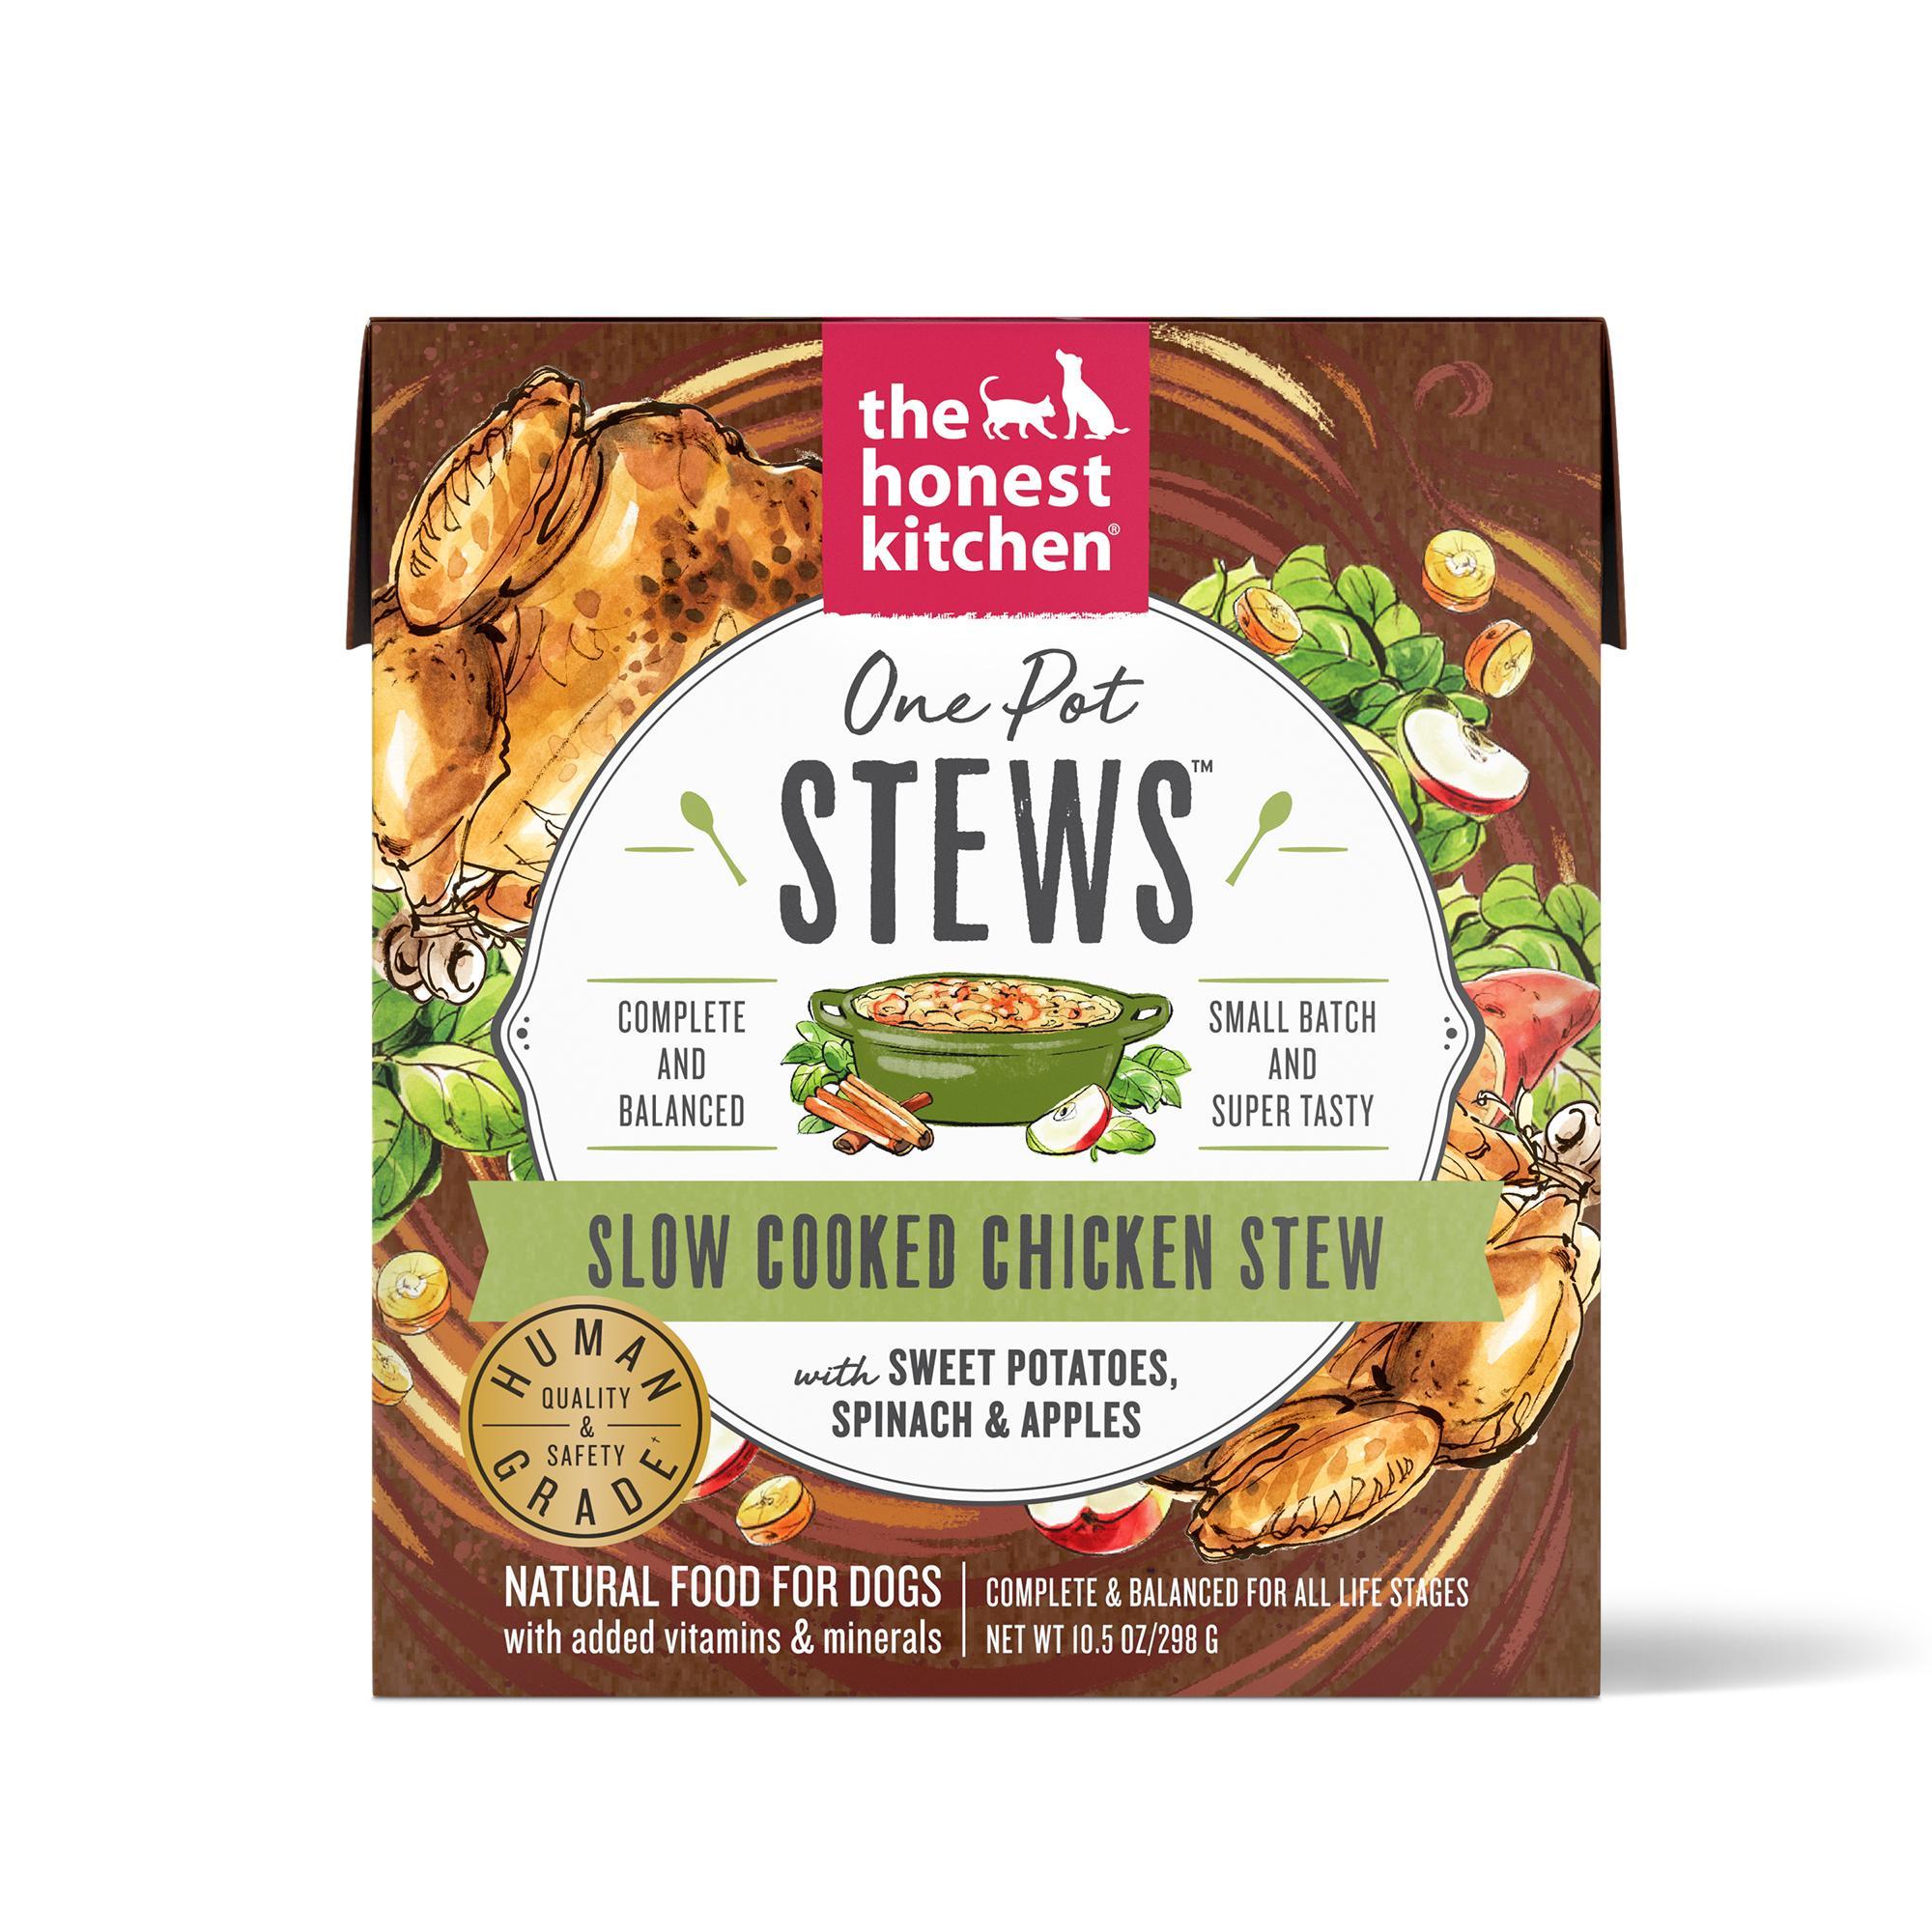 The Honest Kitchen One Pot Stews Slow Cooked Chicken Stew Wet Dog Food, 10.5-oz